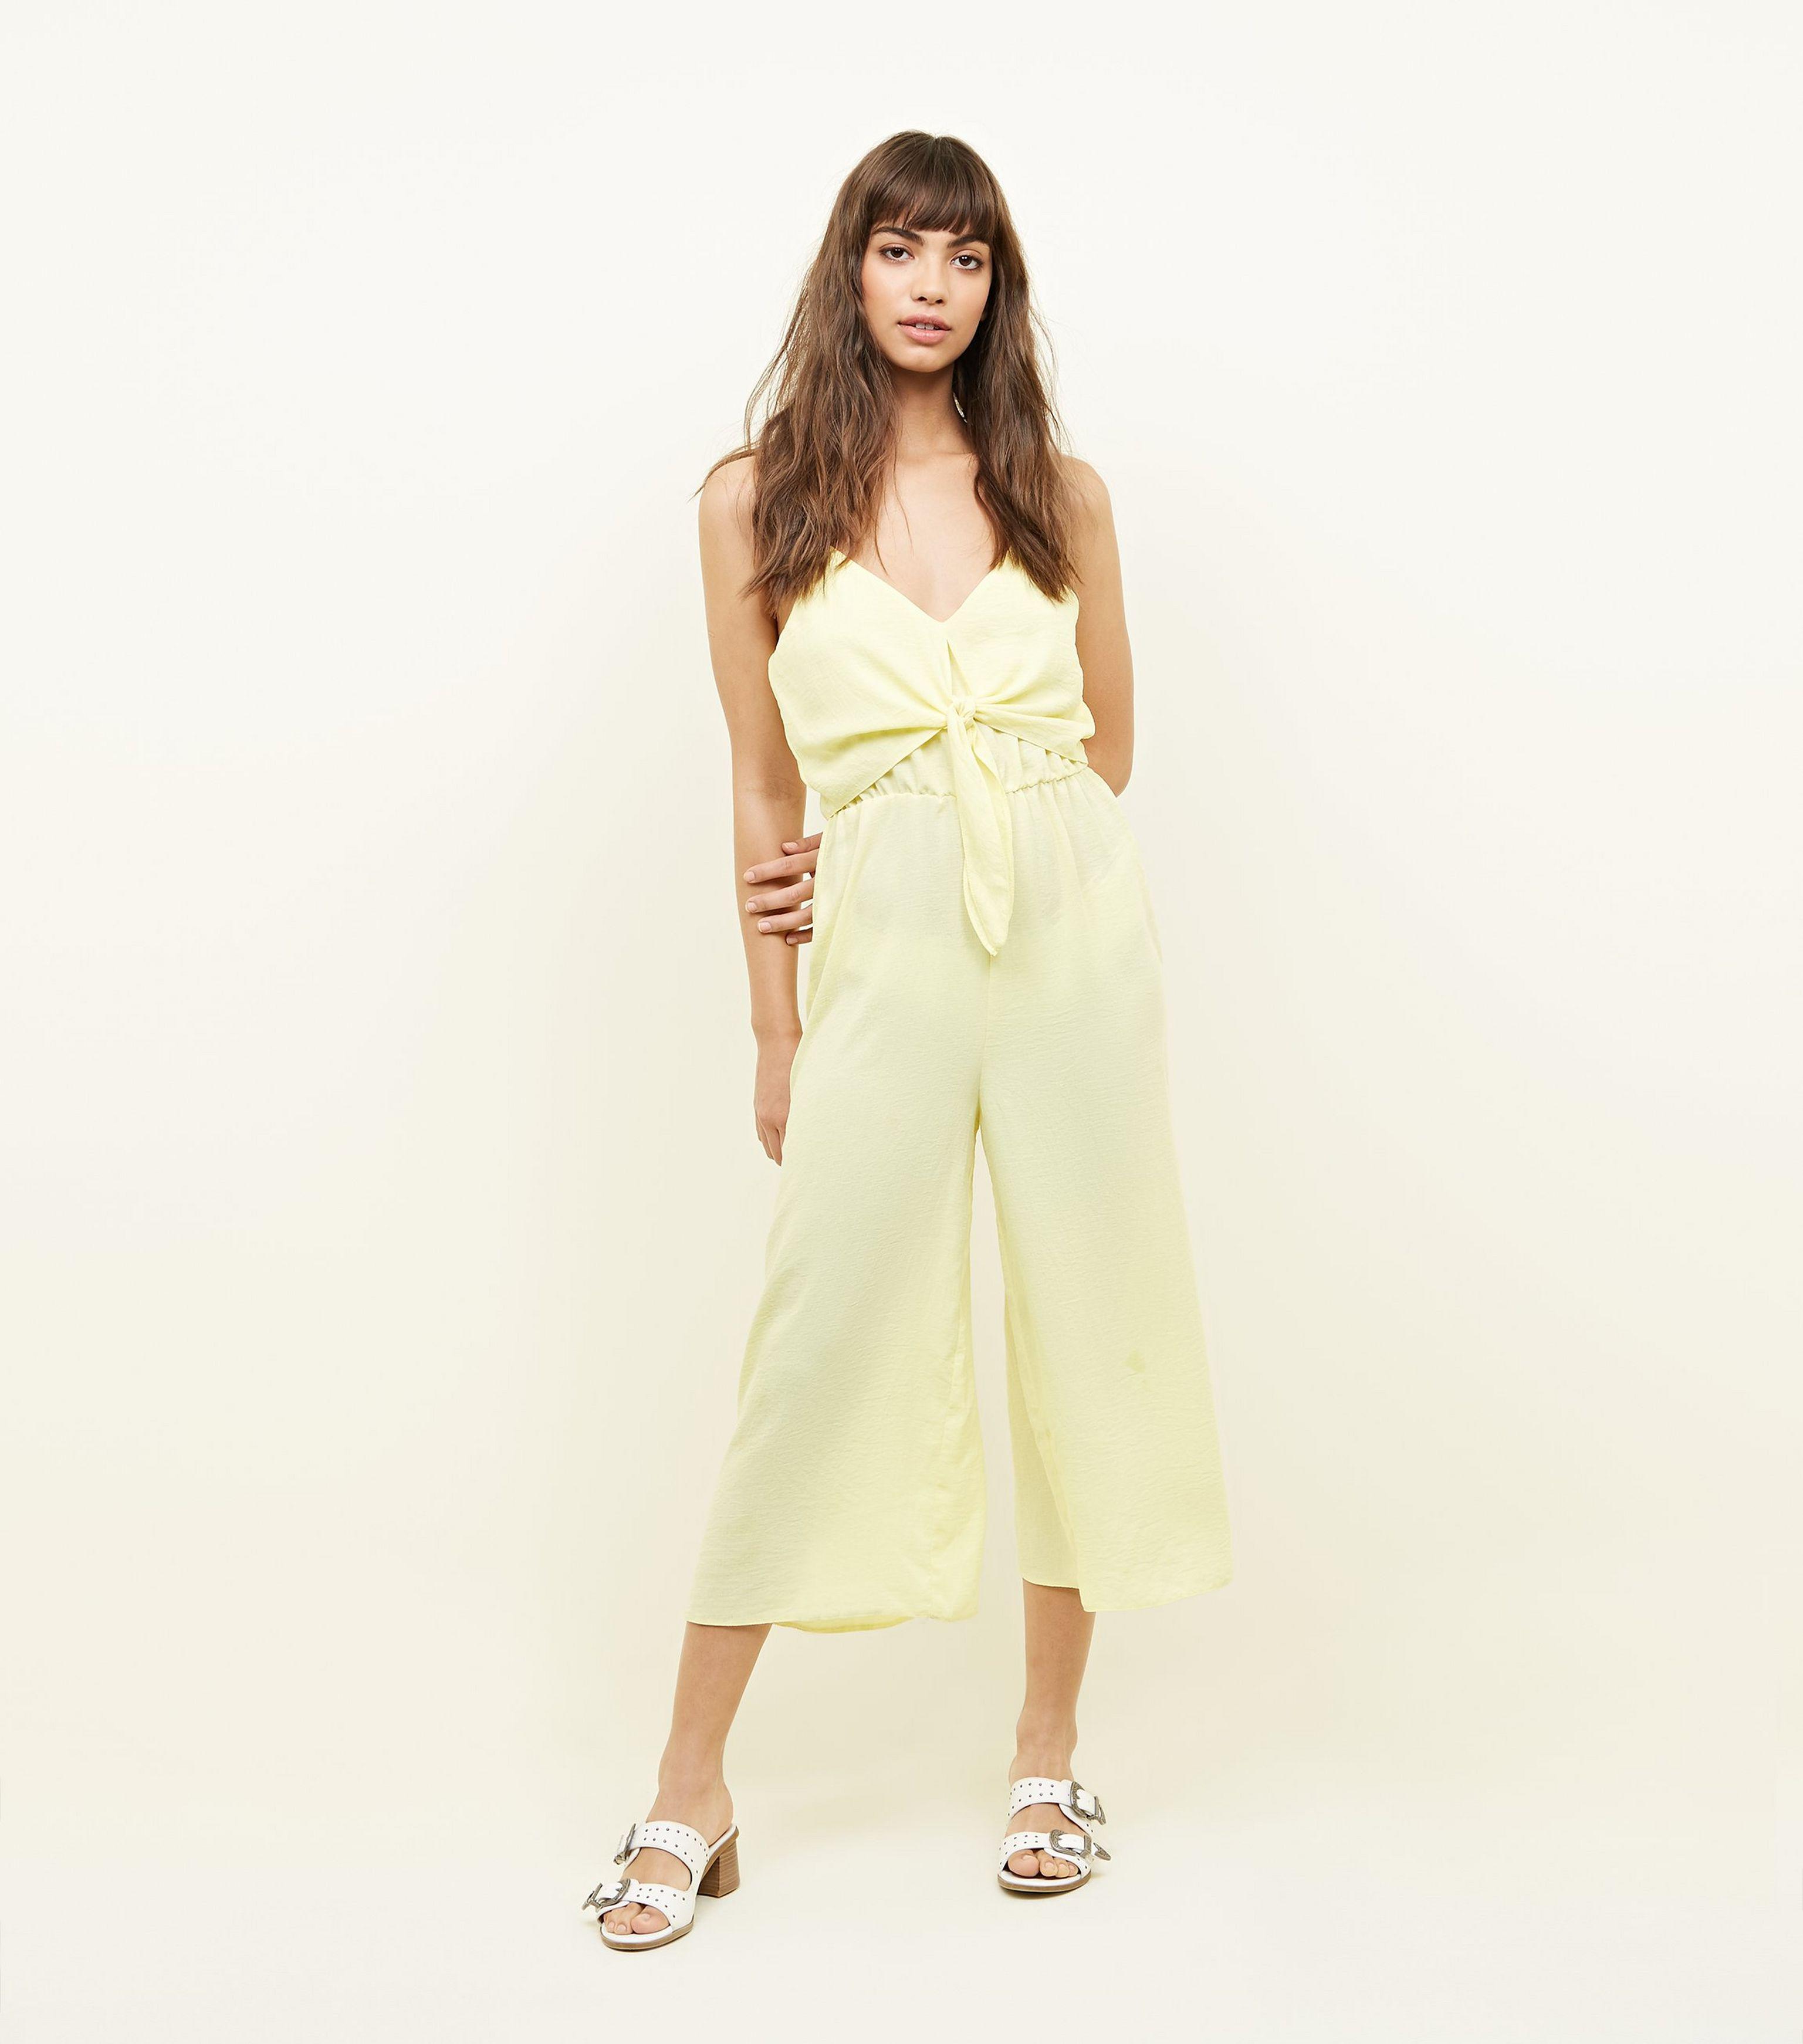 87c1ceb5c1 New Look Yellow Tie Front Linen-look Jumpsuit in Yellow - Lyst